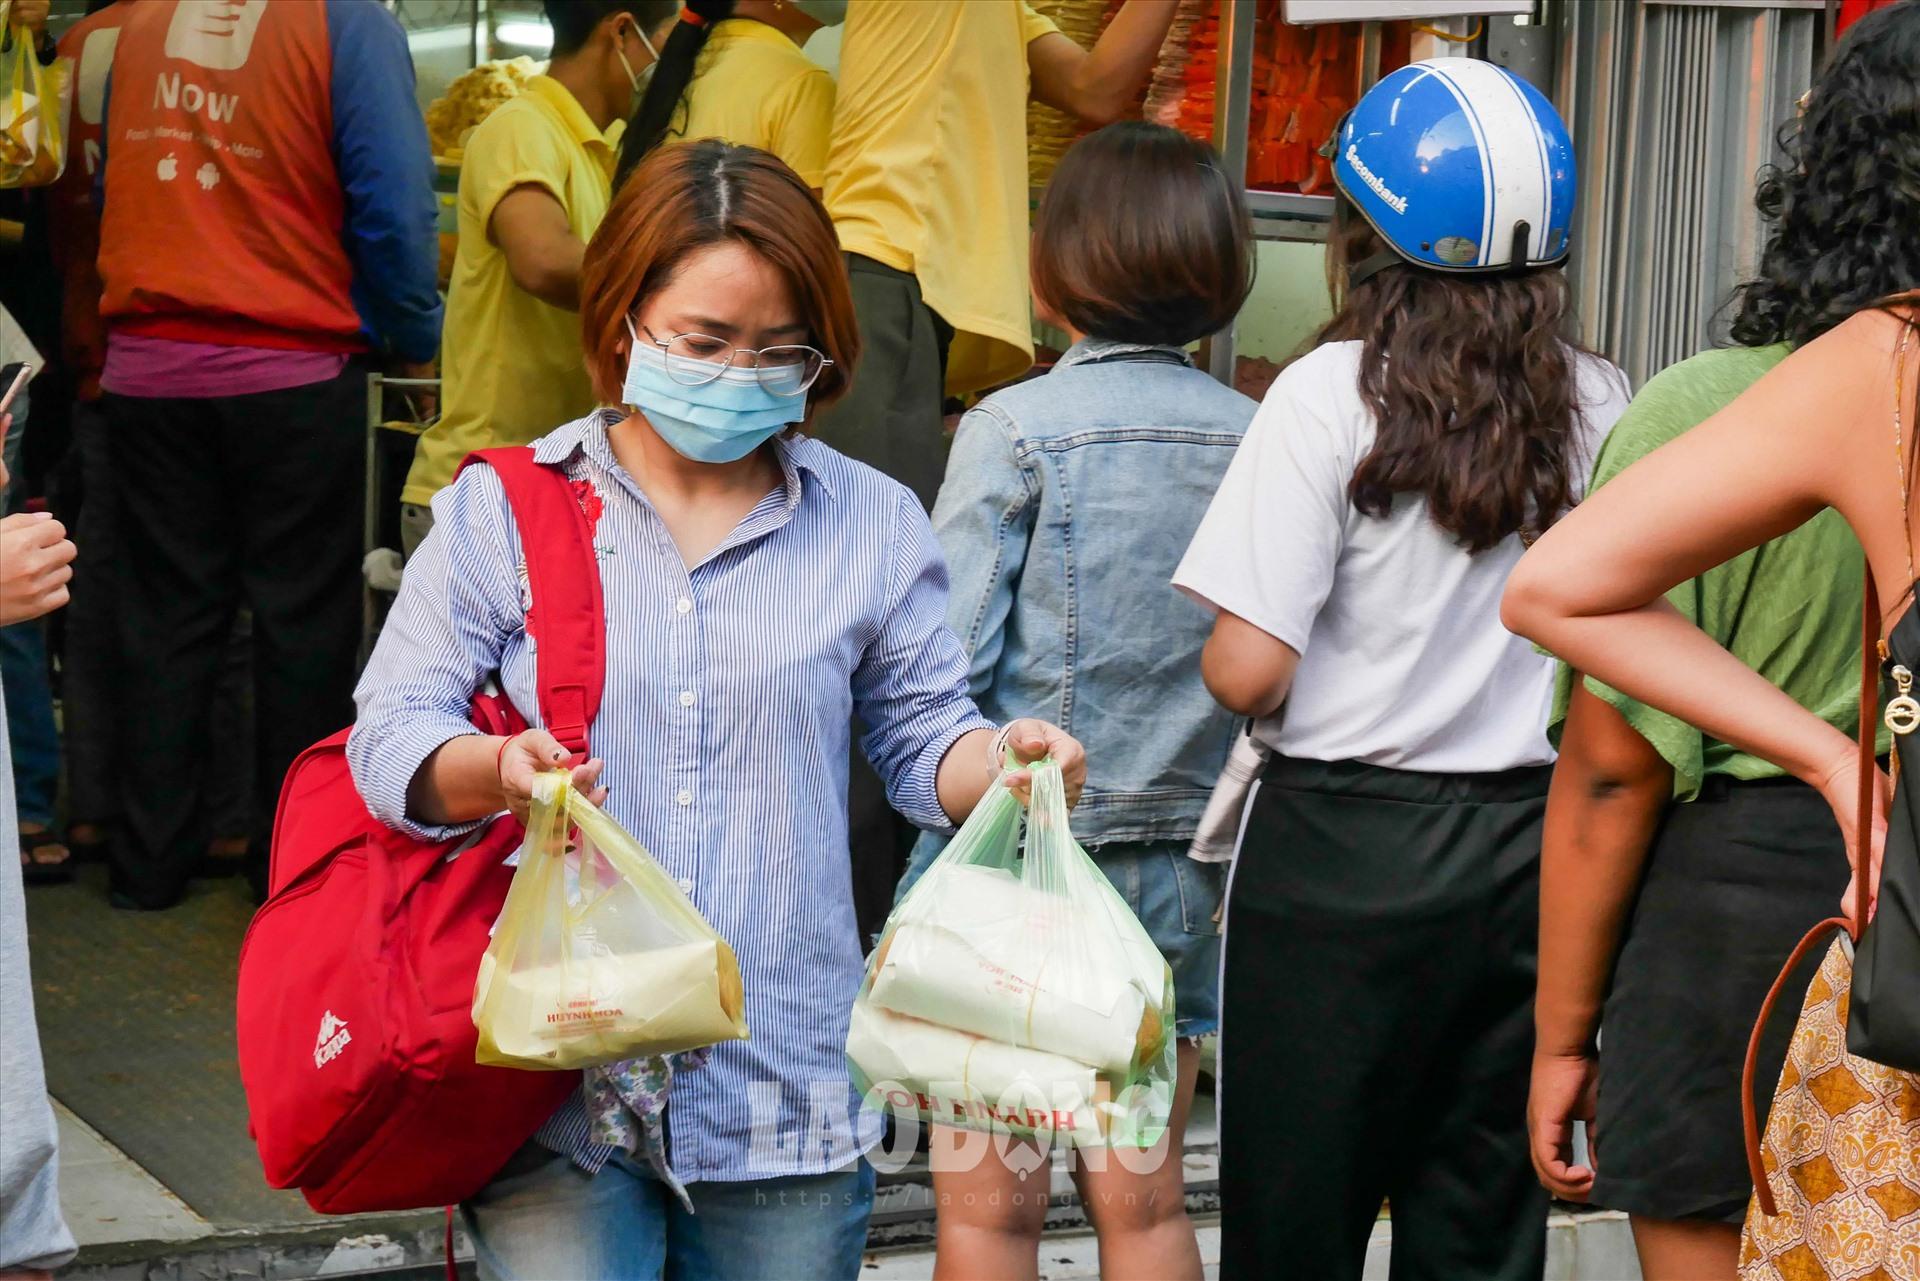 """Không chỉ có du khách nước ngoài, nhiều người bản địa cũng là """"fan cứng"""" của bánh mì. Chị Thanh Nhàn (quận 3, TPHCM) nói: """"Thỉnh thoảng tôi lại đi mua, vì lâu không ăn là sẽ """"nhớ"""". Xếp hàng hơi cực chút nhưng mọi người đều xếp mà, tôi cảm thấy rất văn minh. Mong rằng sẽ có nhiều bạn bè quốc tế biết đến món bánh mì và thưởng thức nó khi đến Việt Nam""""."""